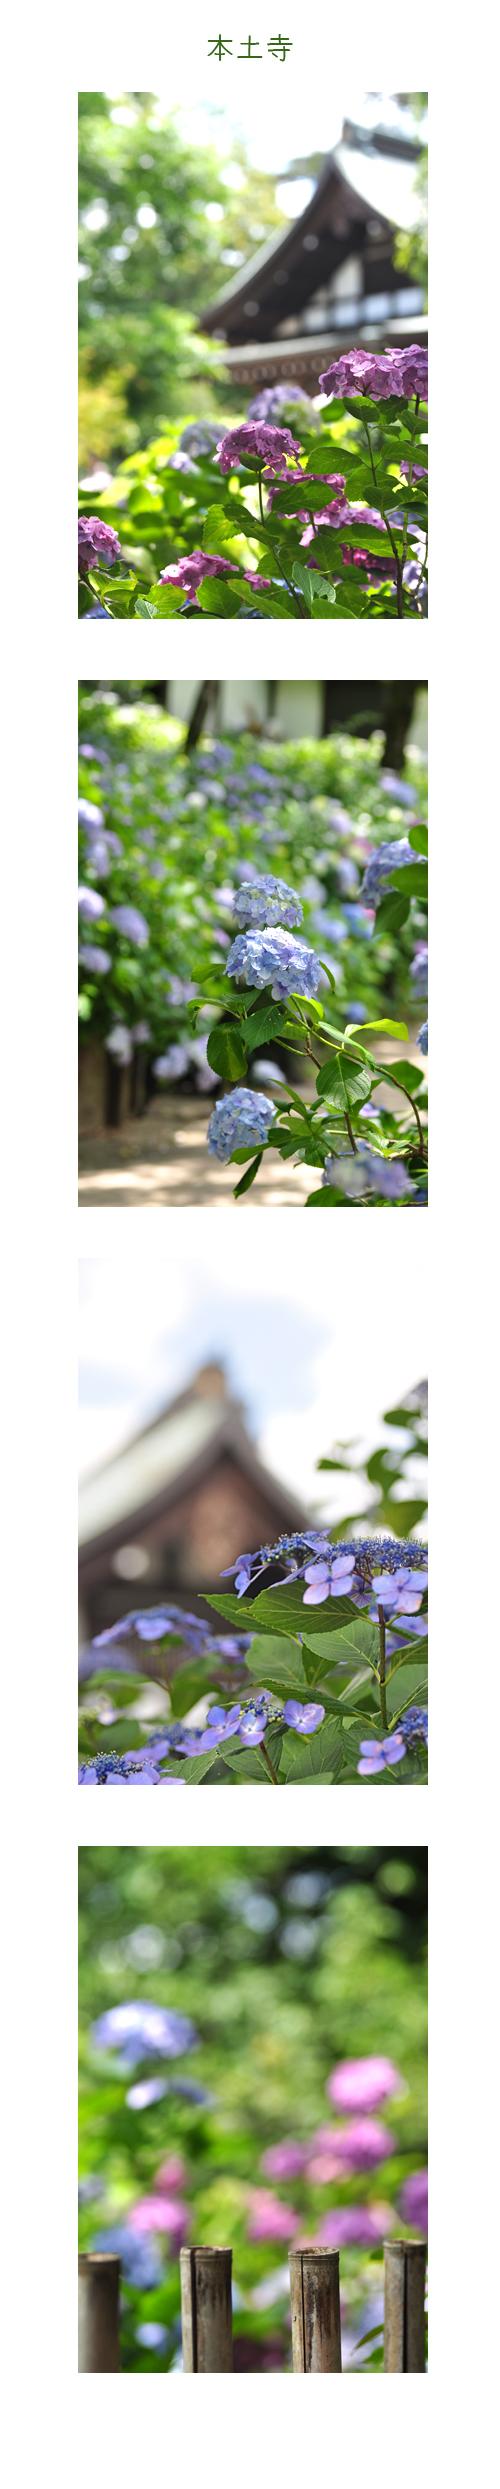 7月1日本土寺1